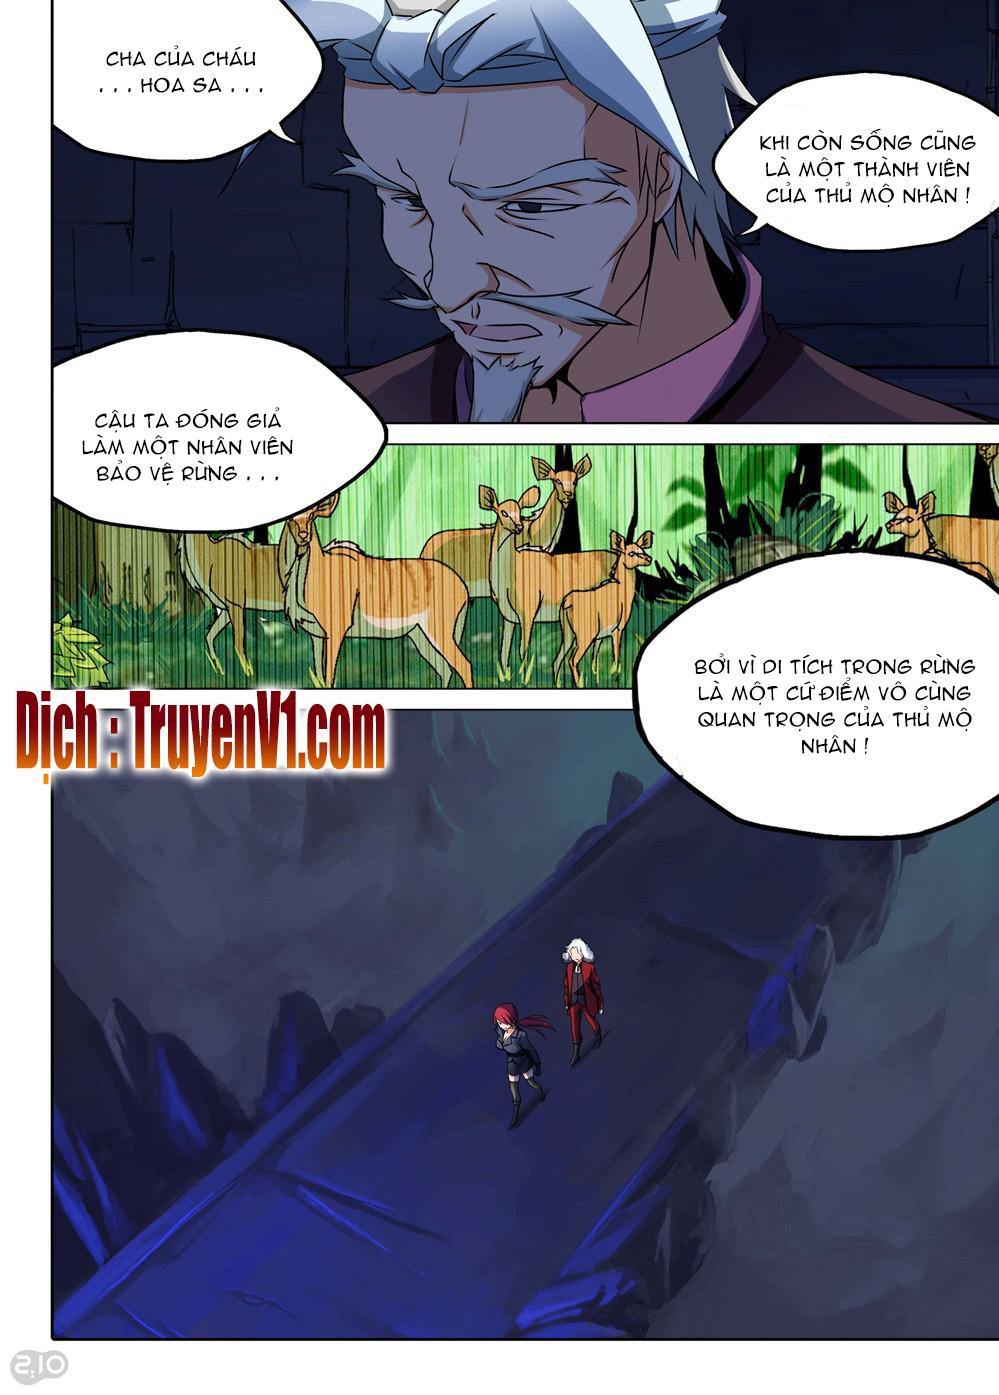 Ngân Chi Thủ Mộ Nhân Chapter 142 - Lhmanga.net